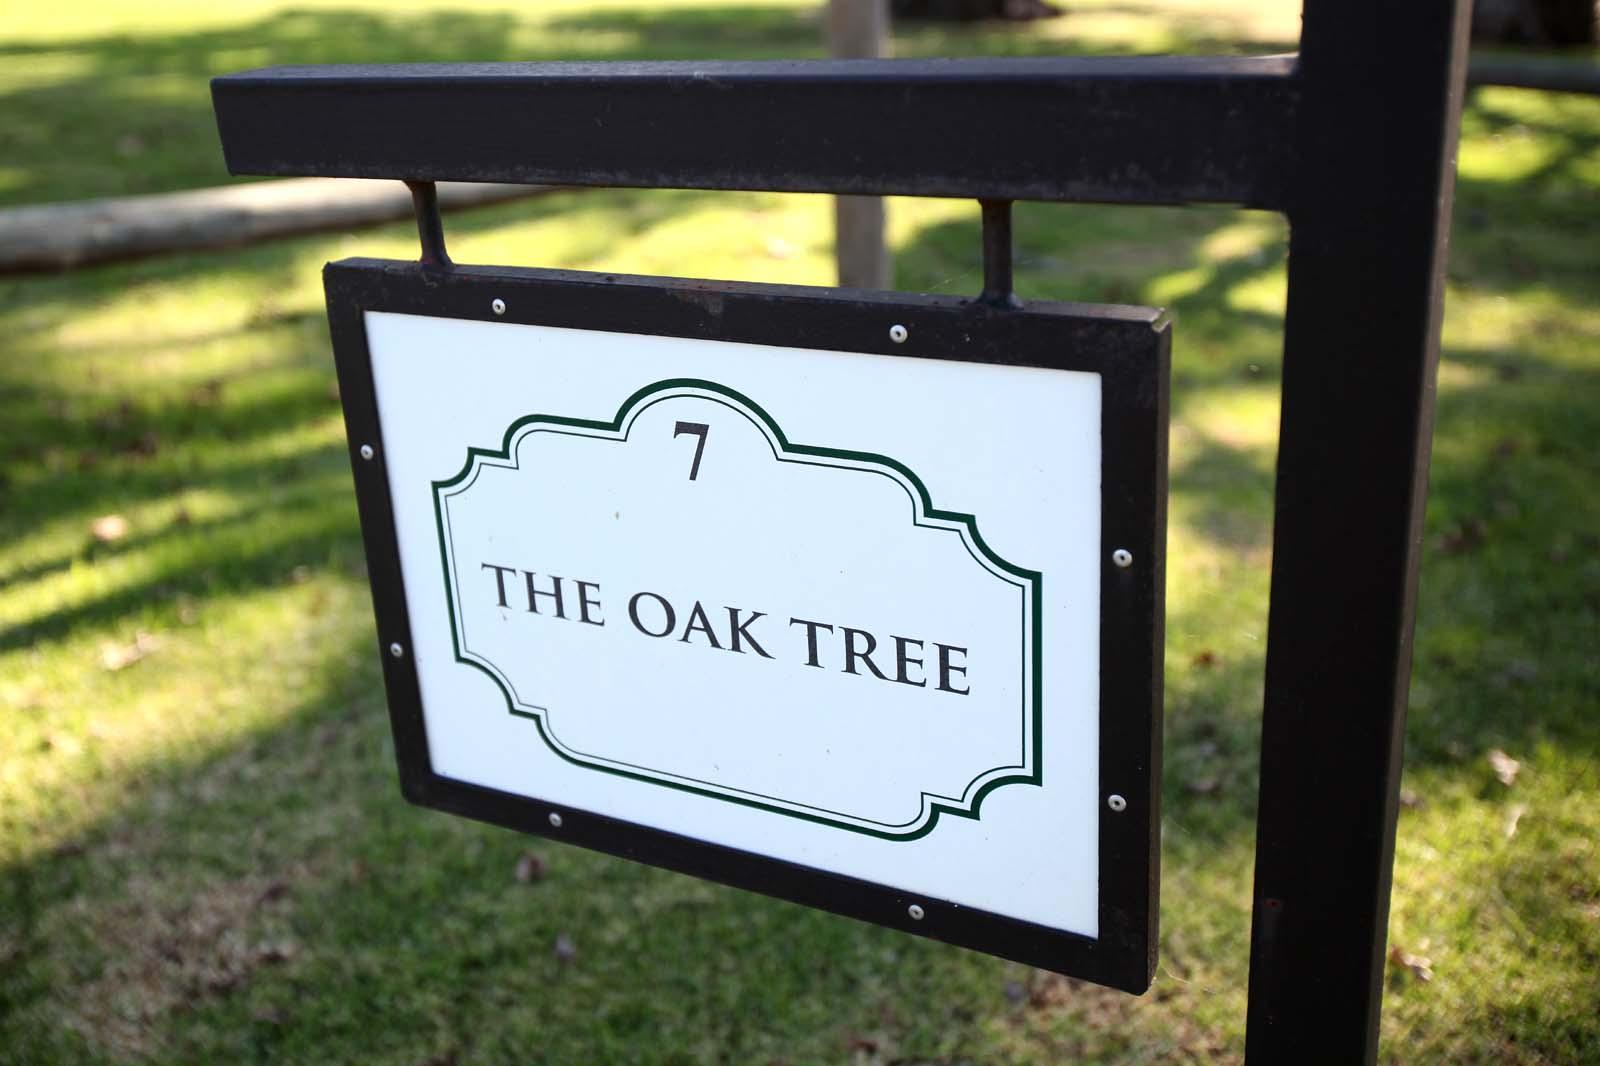 TreeFerns_OakTree_1495